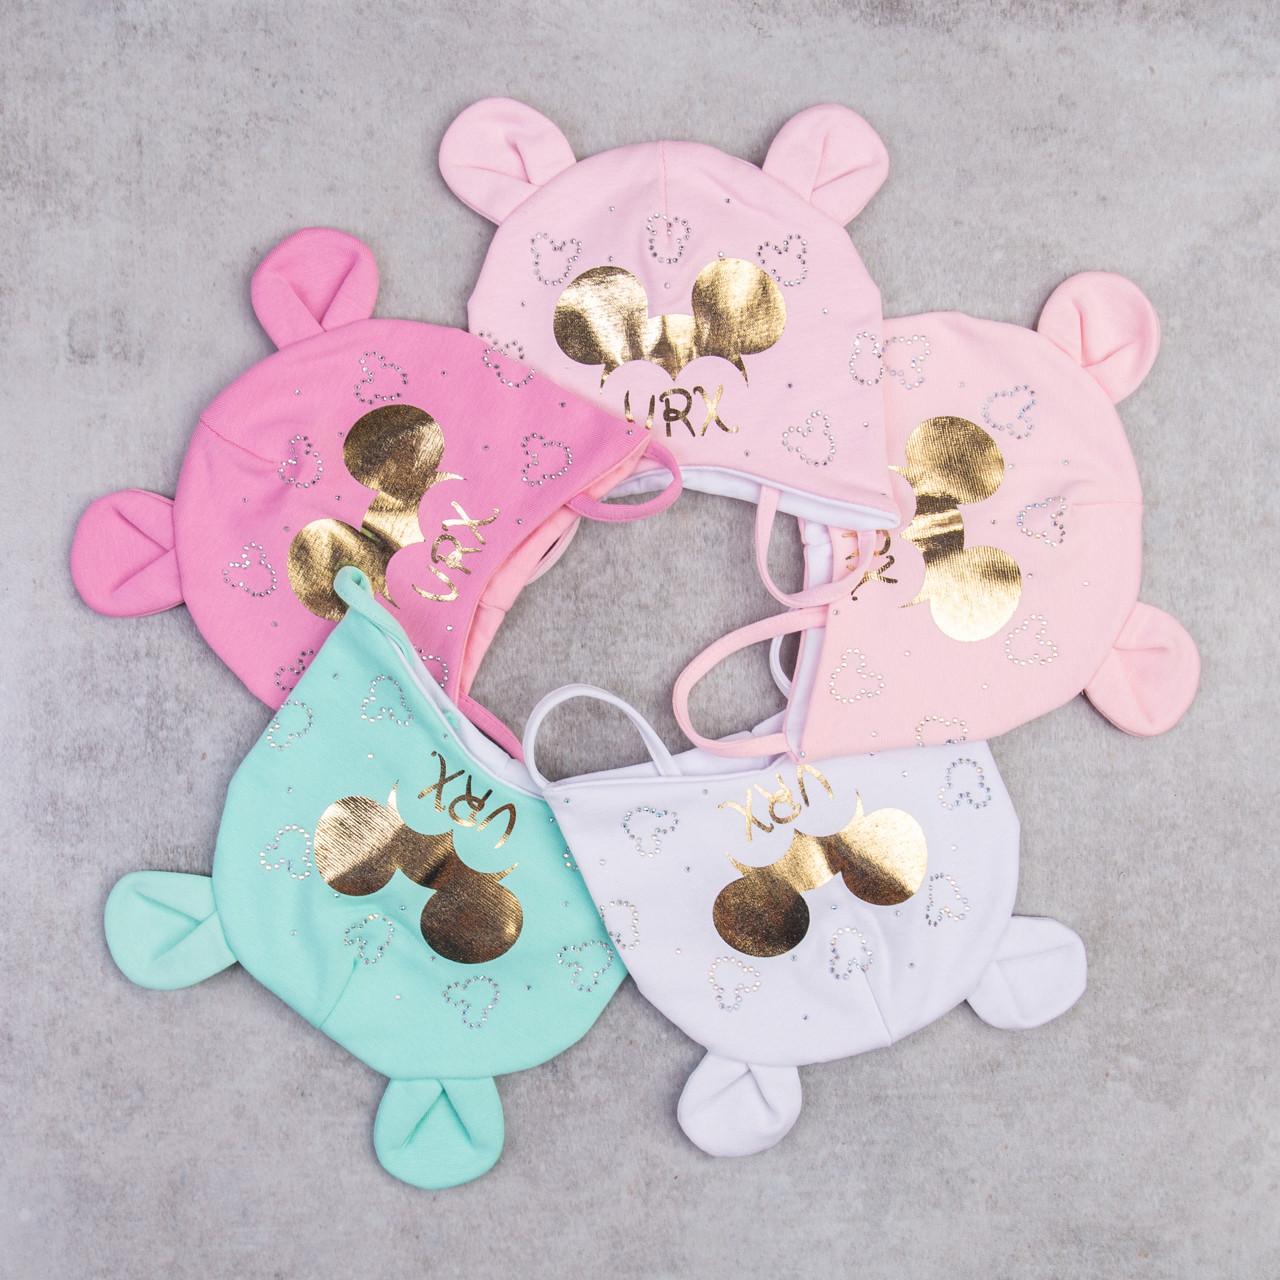 Хлопковая шапка для малышей грудничков на весну - VRX - Артикул 2283